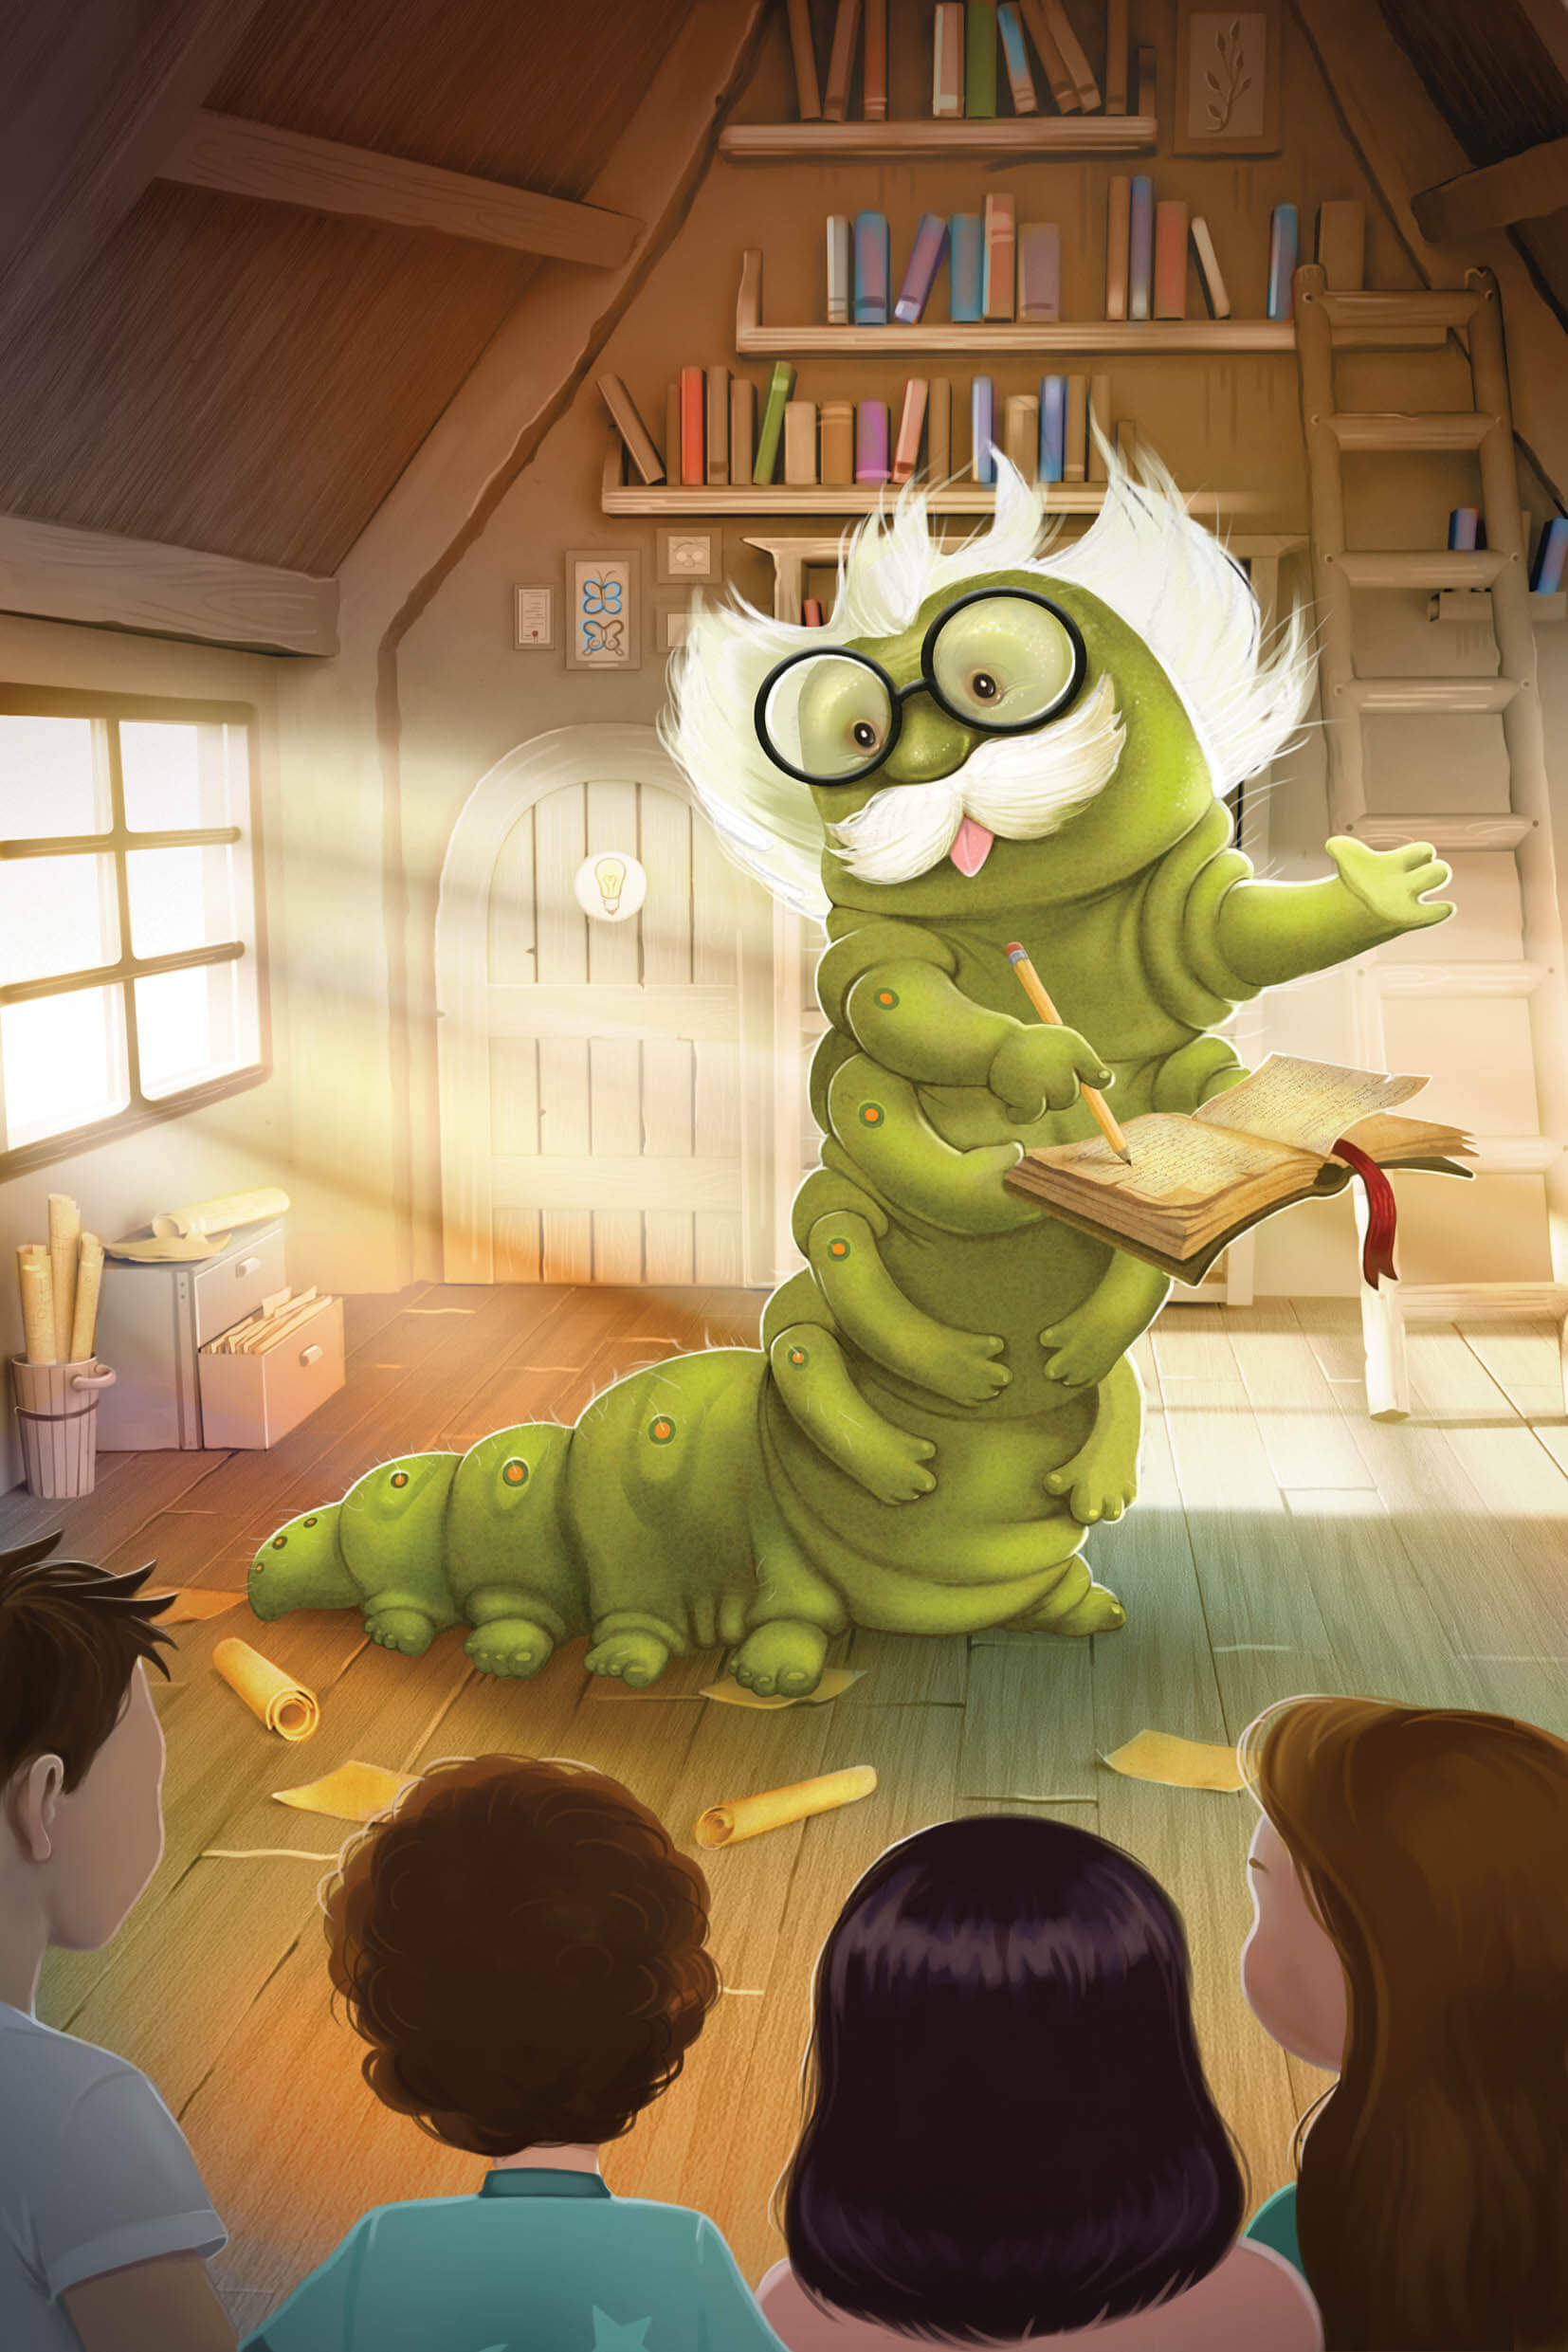 """ספר הניהול הראשון בעולם לילדים:""""ממלכת יוּרִיקָה!"""" מאת אופיר גוטמן"""